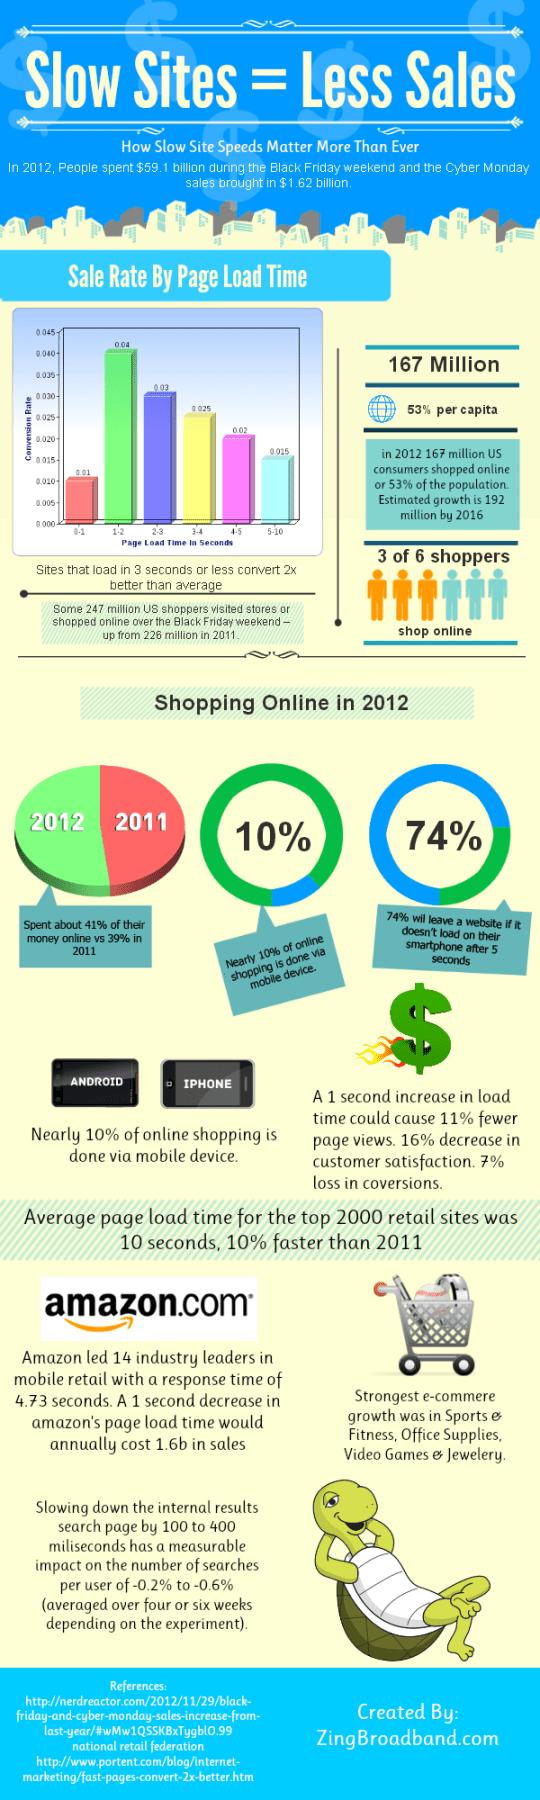 Slow Sites Cause Less Sales